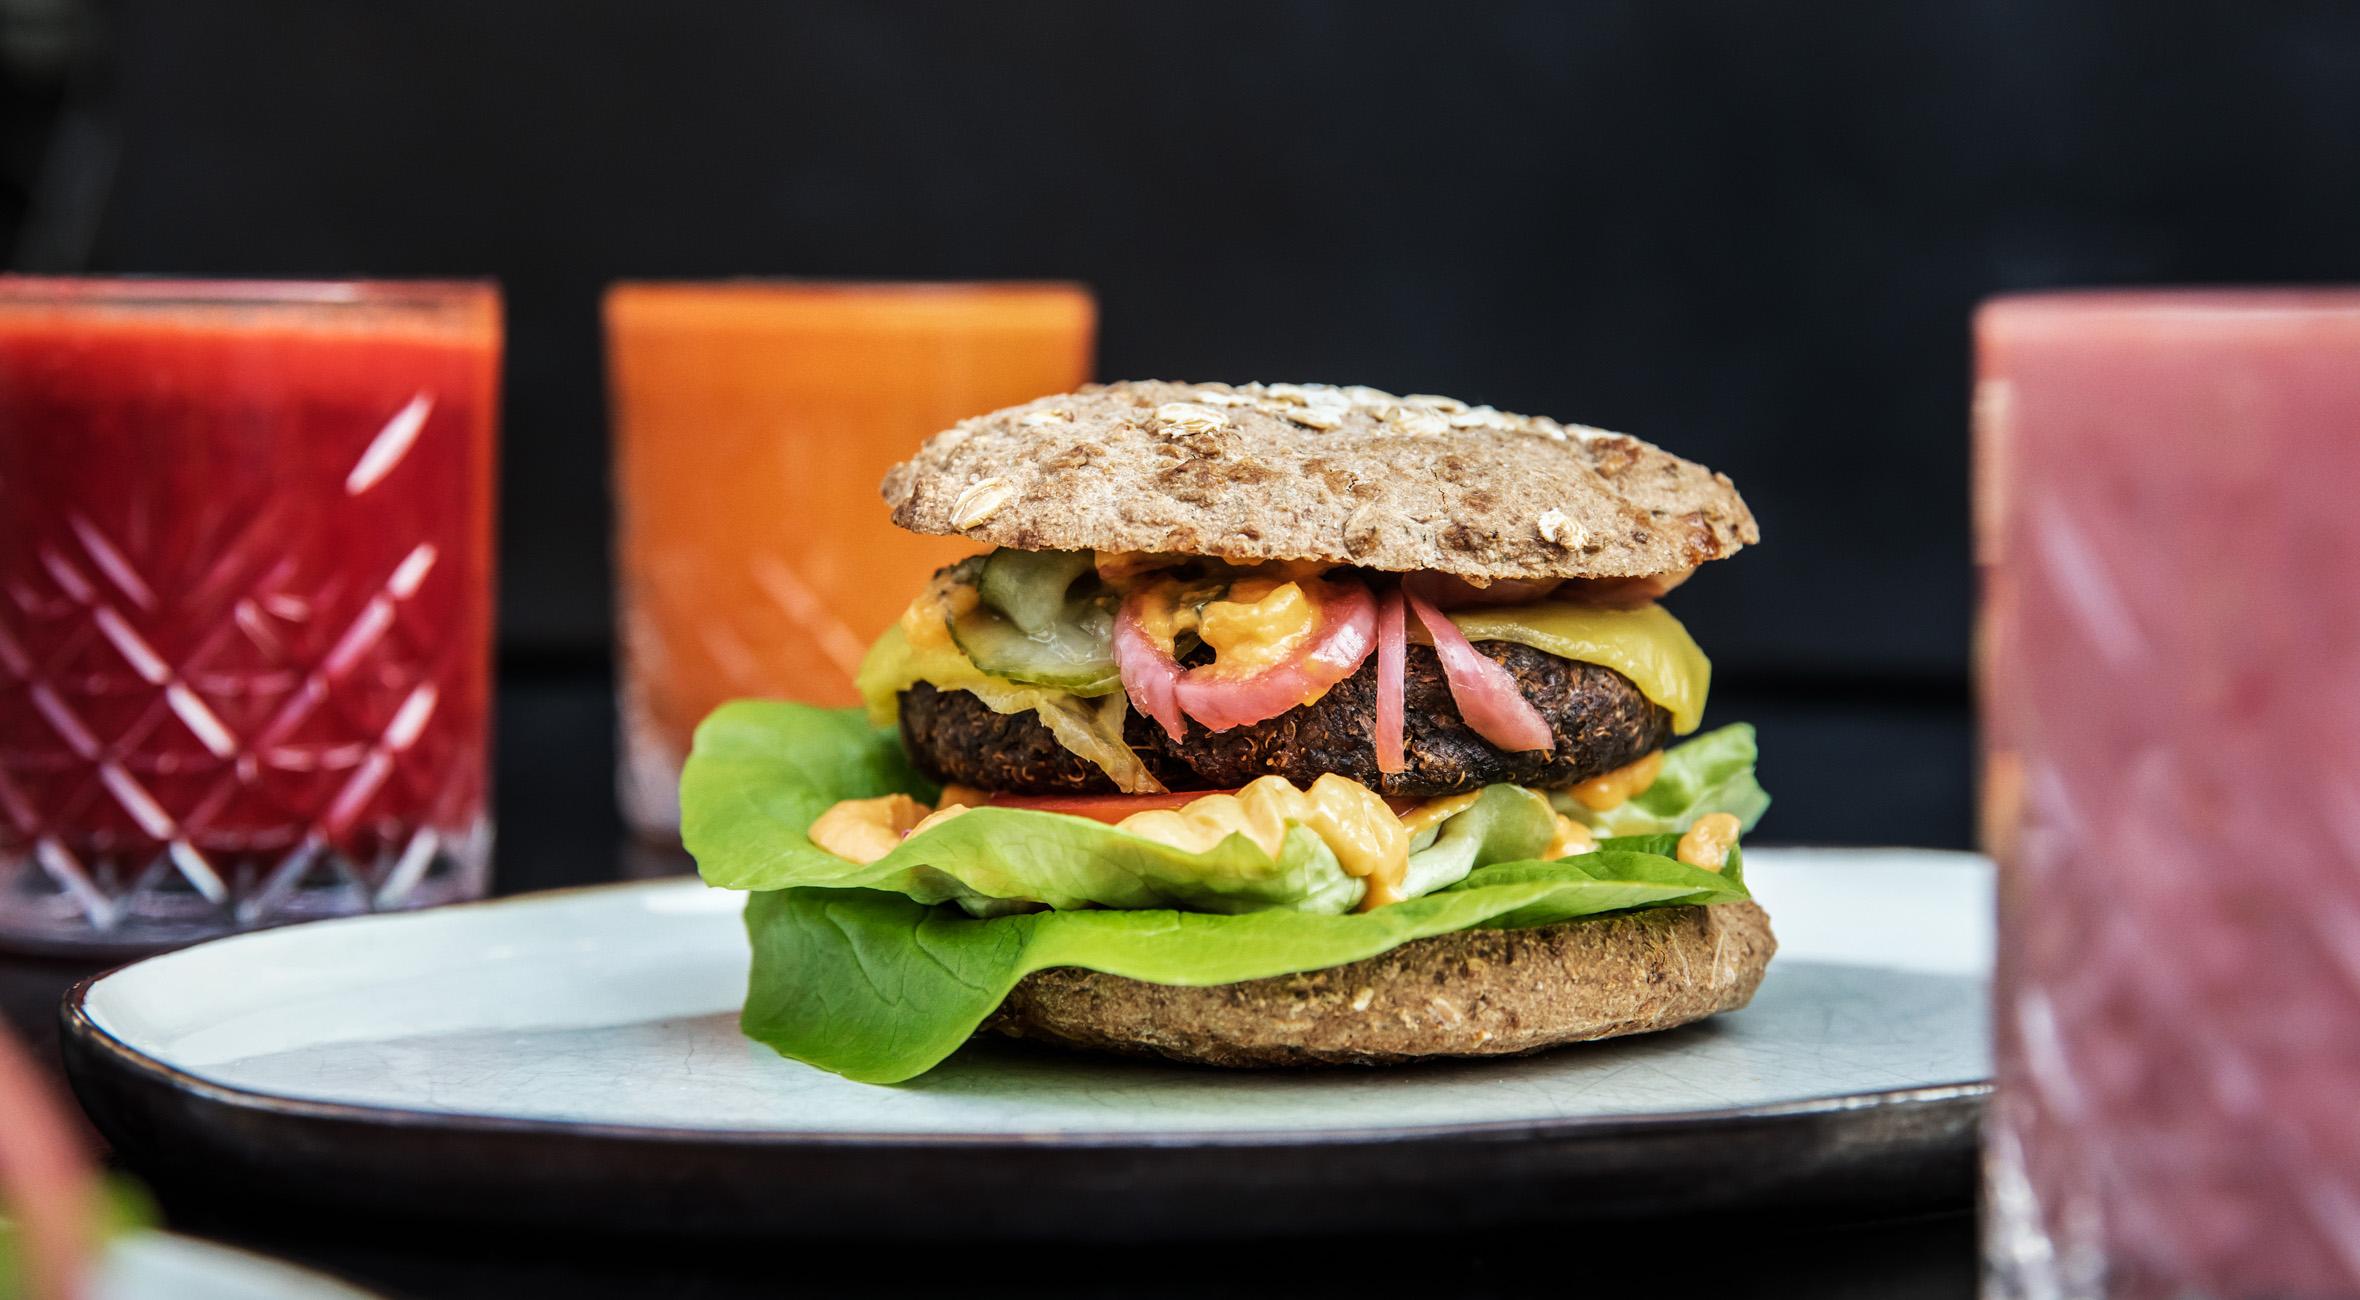 2 burgere + 2 juice / shakes hos simpleRAW i Indre By – Grønt gourmetkøkken fremhæves som ét af byens bedste spisesteder